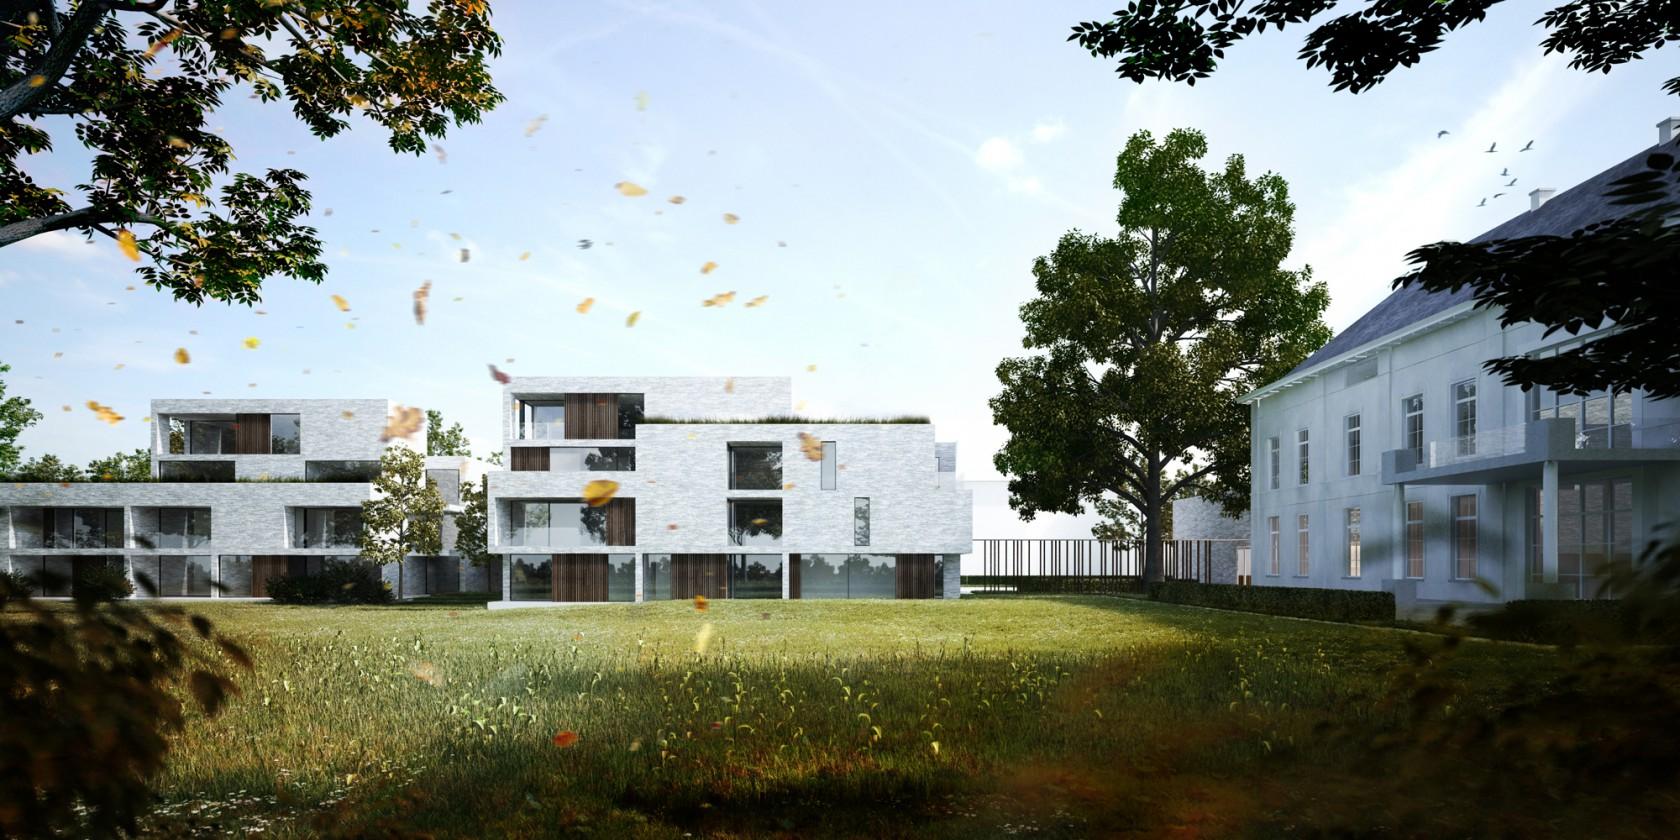 Abscis Architecten - De parktuin als collectieve buitenruimte – visualisatie Abscis Architecten